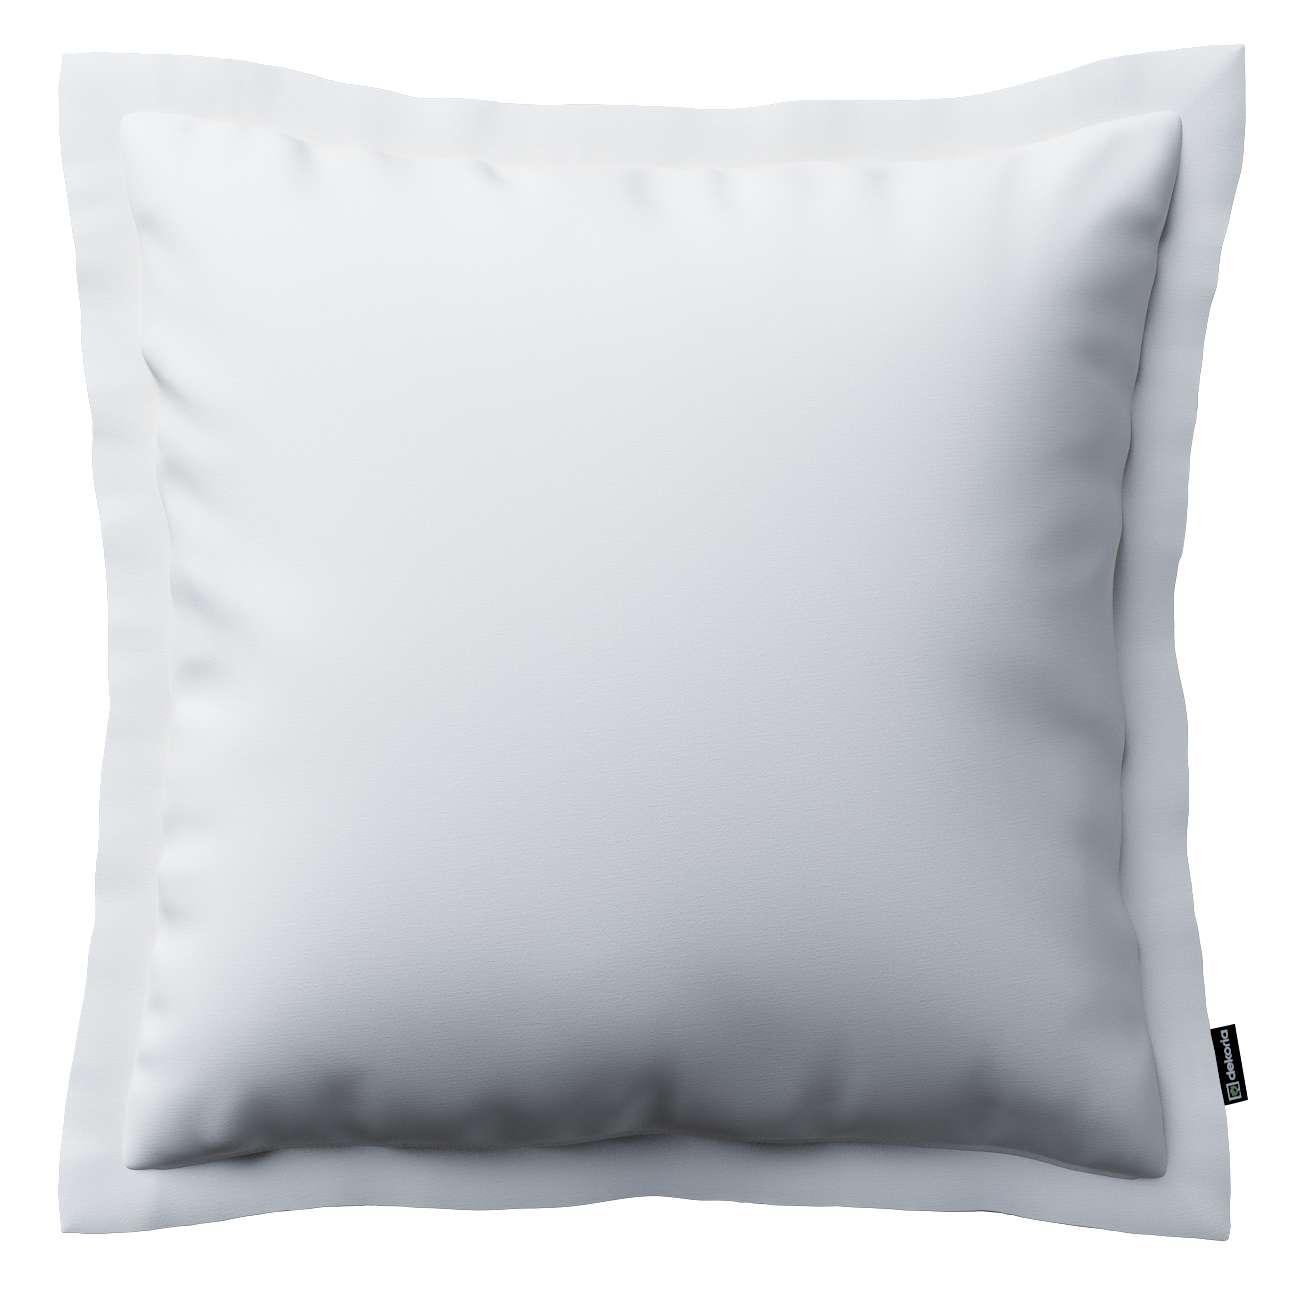 Mona dekoratyvinių pagalvėlių užvalkalas su sienele 38 x 38 cm kolekcijoje Comics Prints, audinys: 139-00